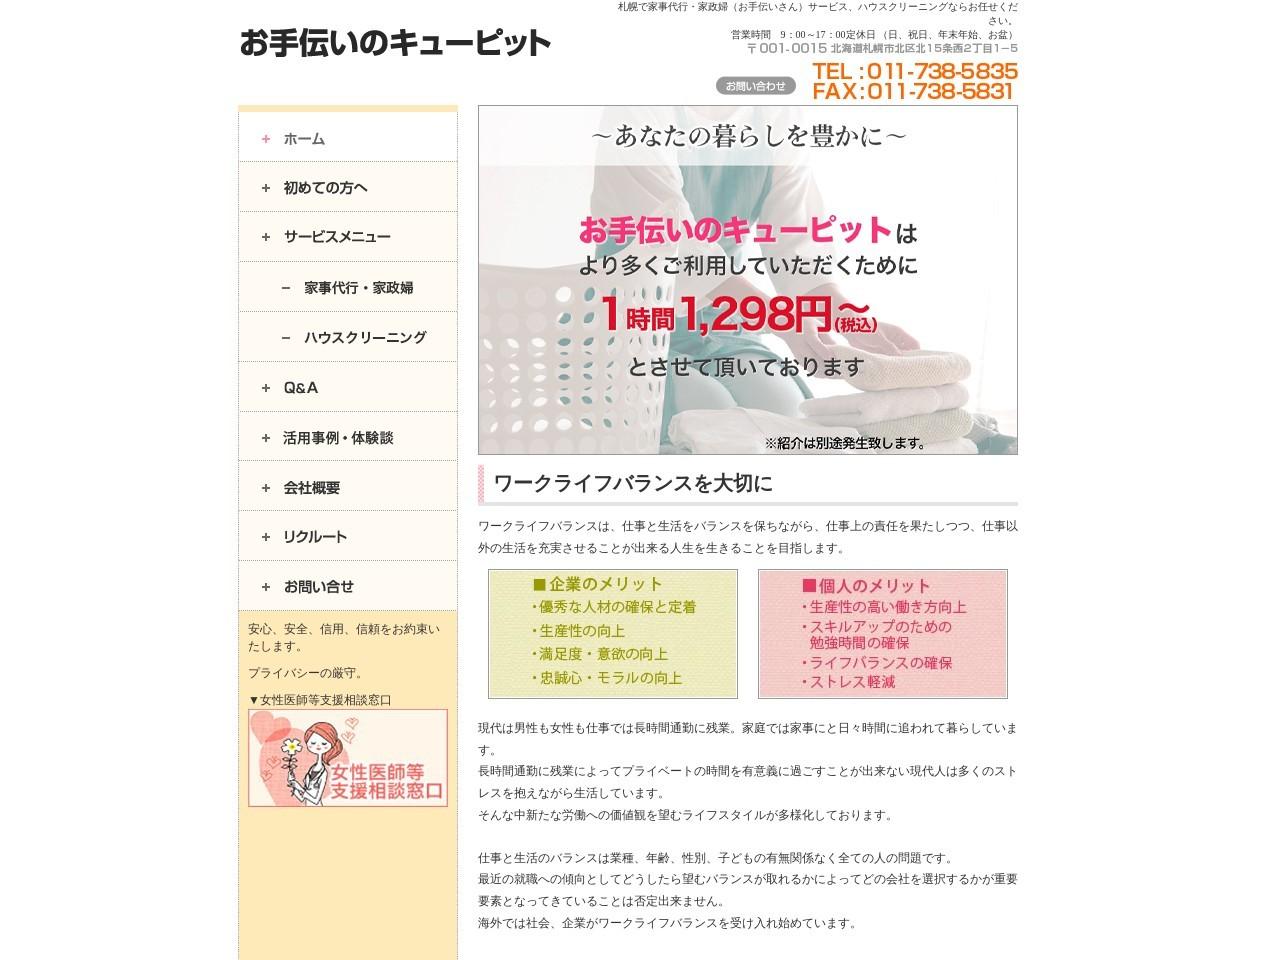 札幌で家事代行・家政婦ならお手伝いのキューピット